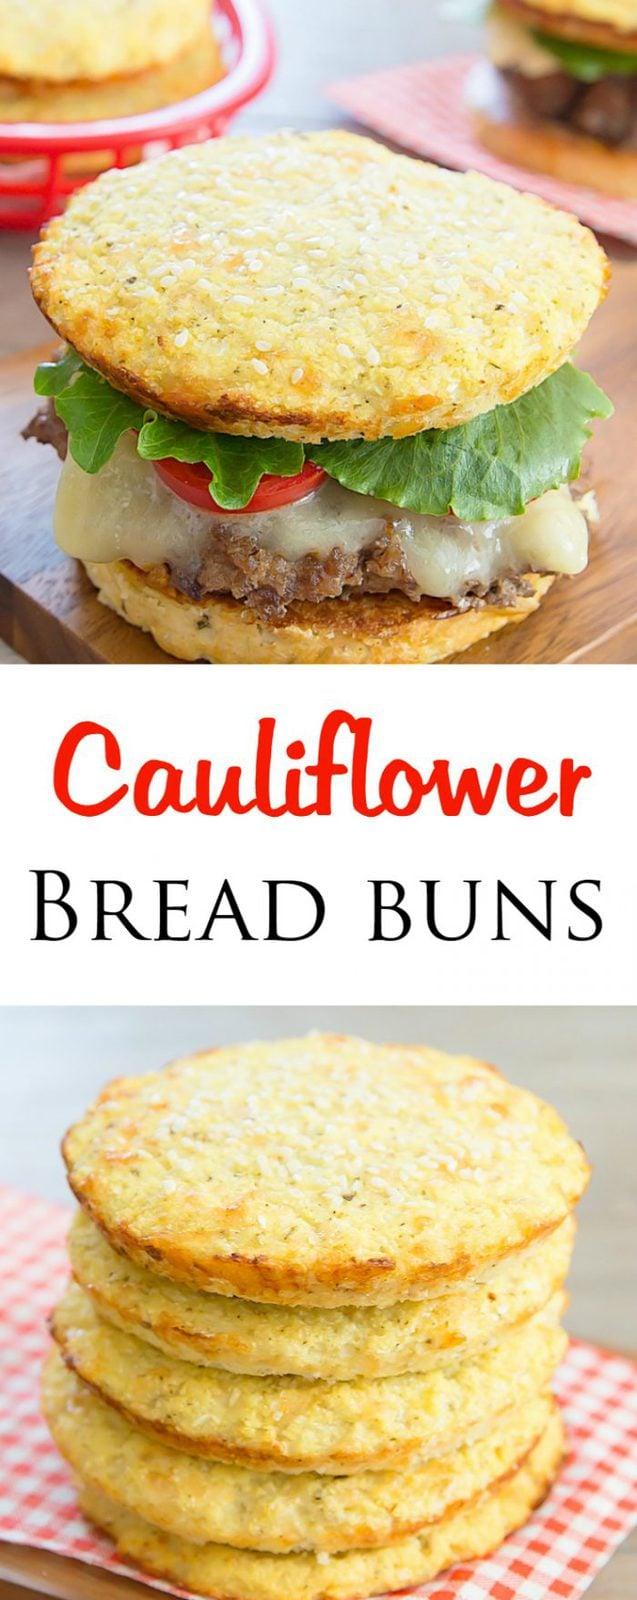 Gluten Free Cauliflower Bread Buns